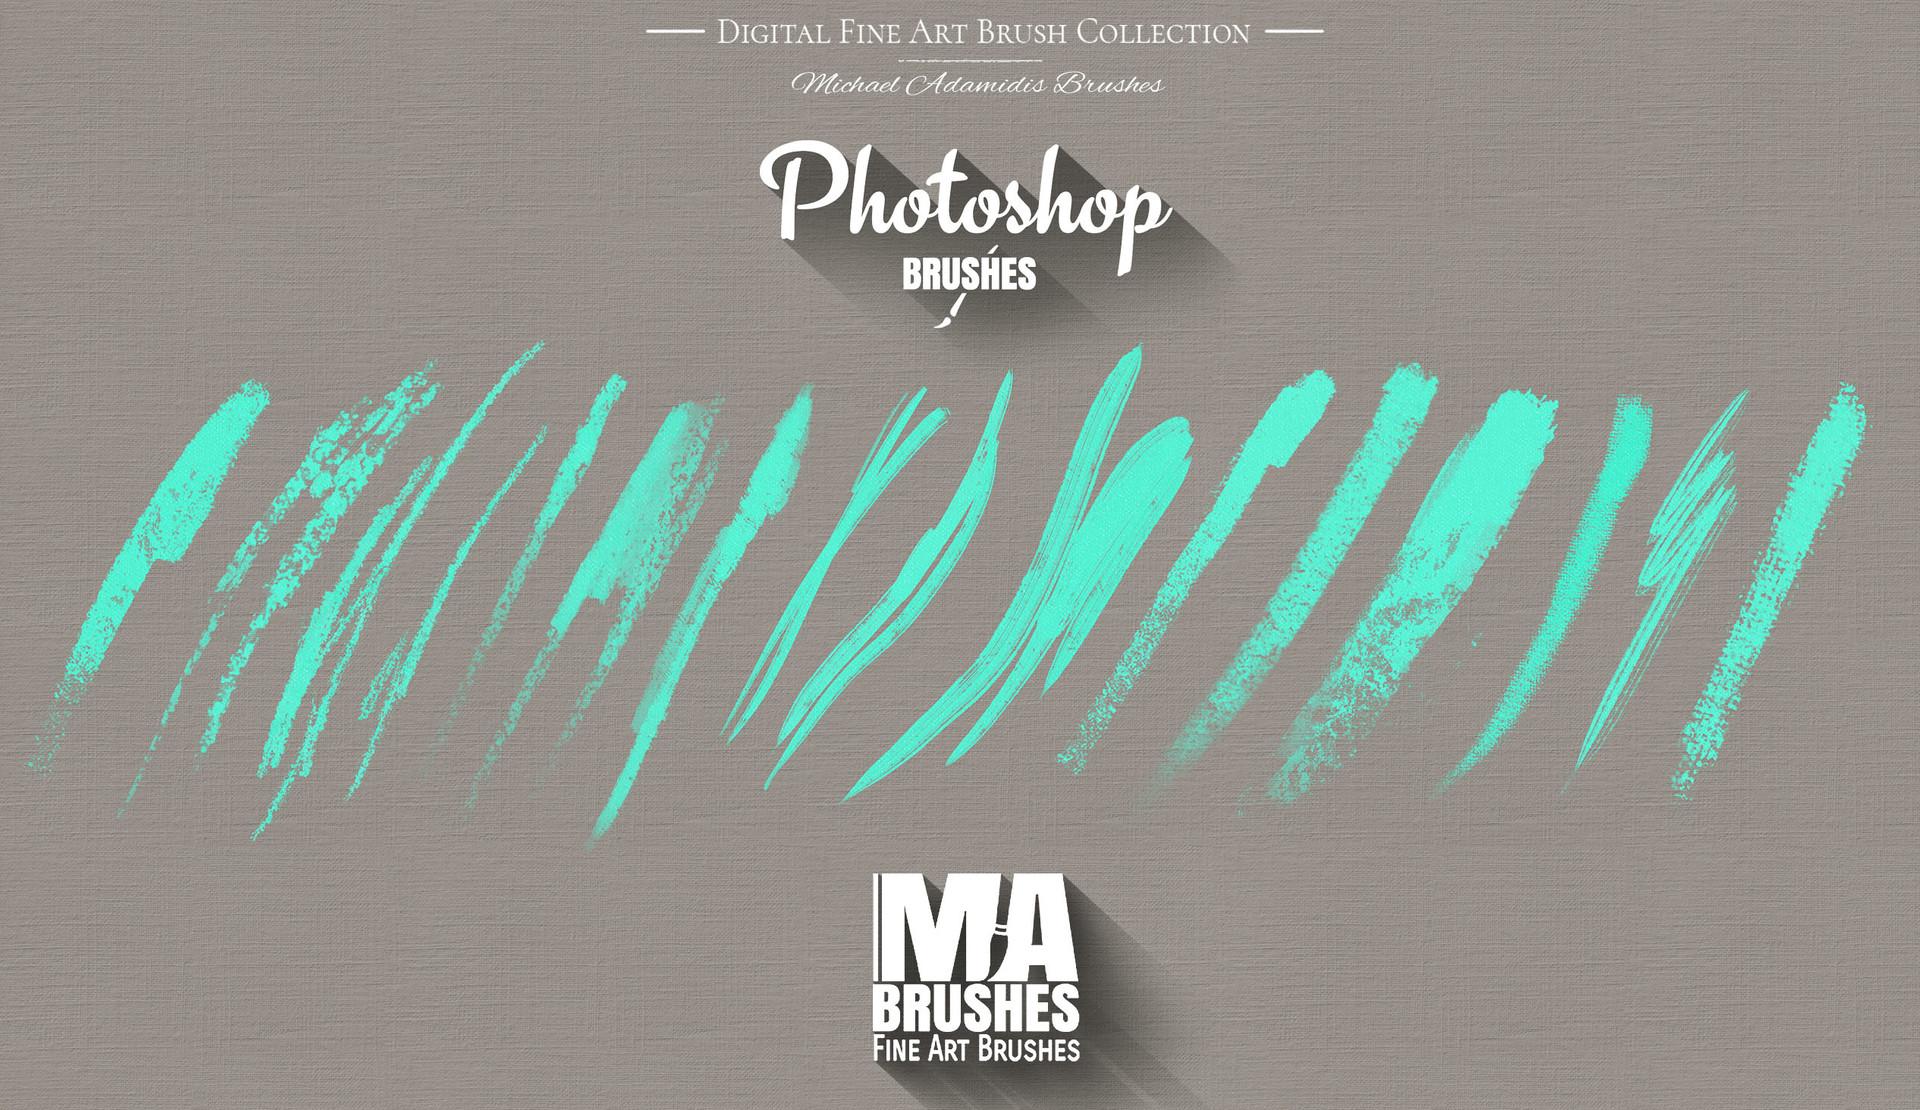 ArtStation - MA-Brushes Realistic Photoshop Painting Brushes